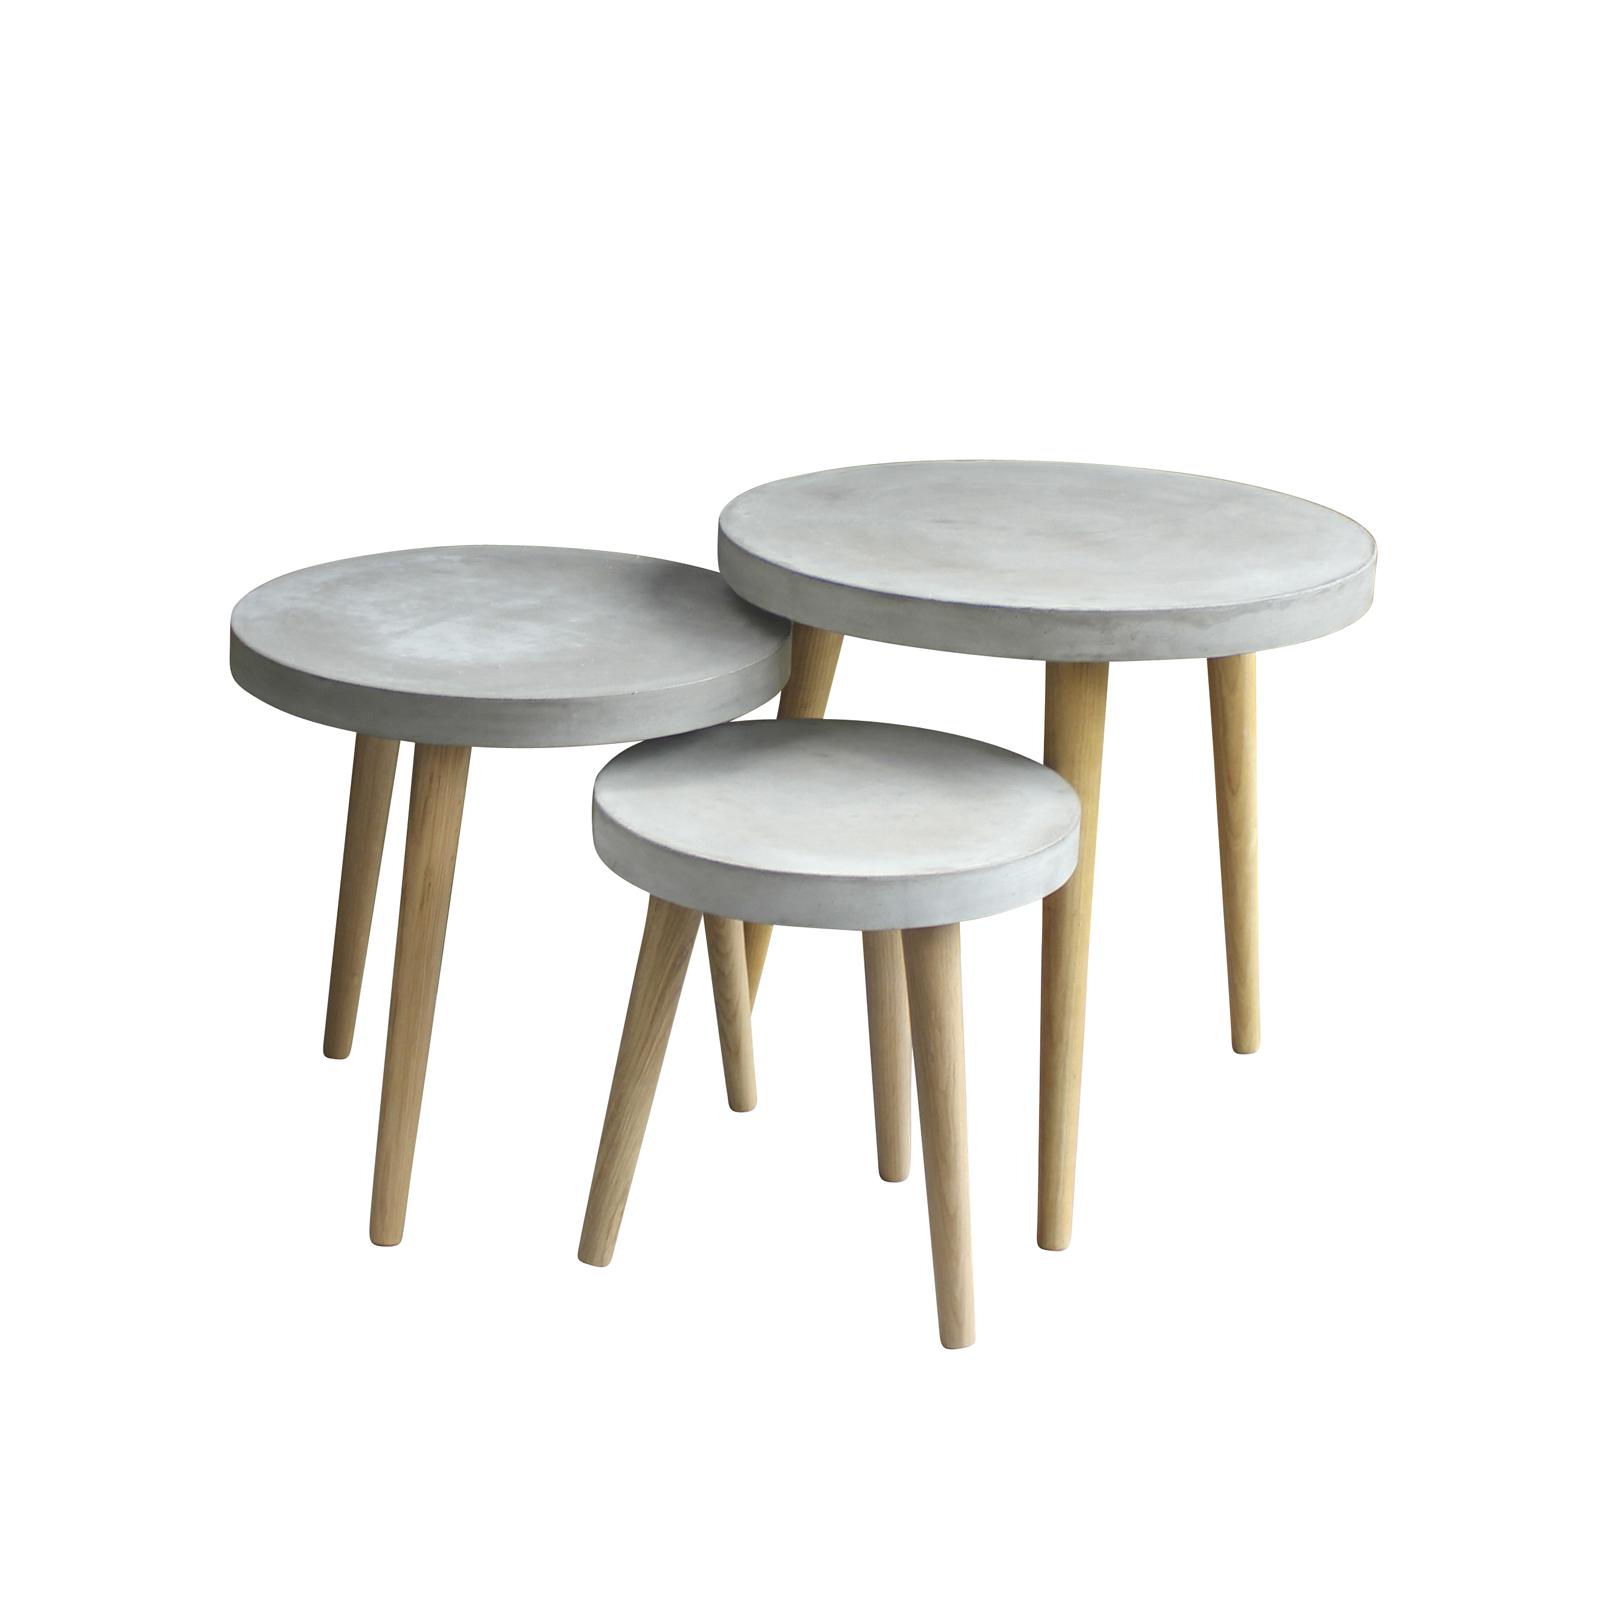 3 satz tisch gro cement beistelltisch aus leichtbeton und beine eiche massiv ebay. Black Bedroom Furniture Sets. Home Design Ideas